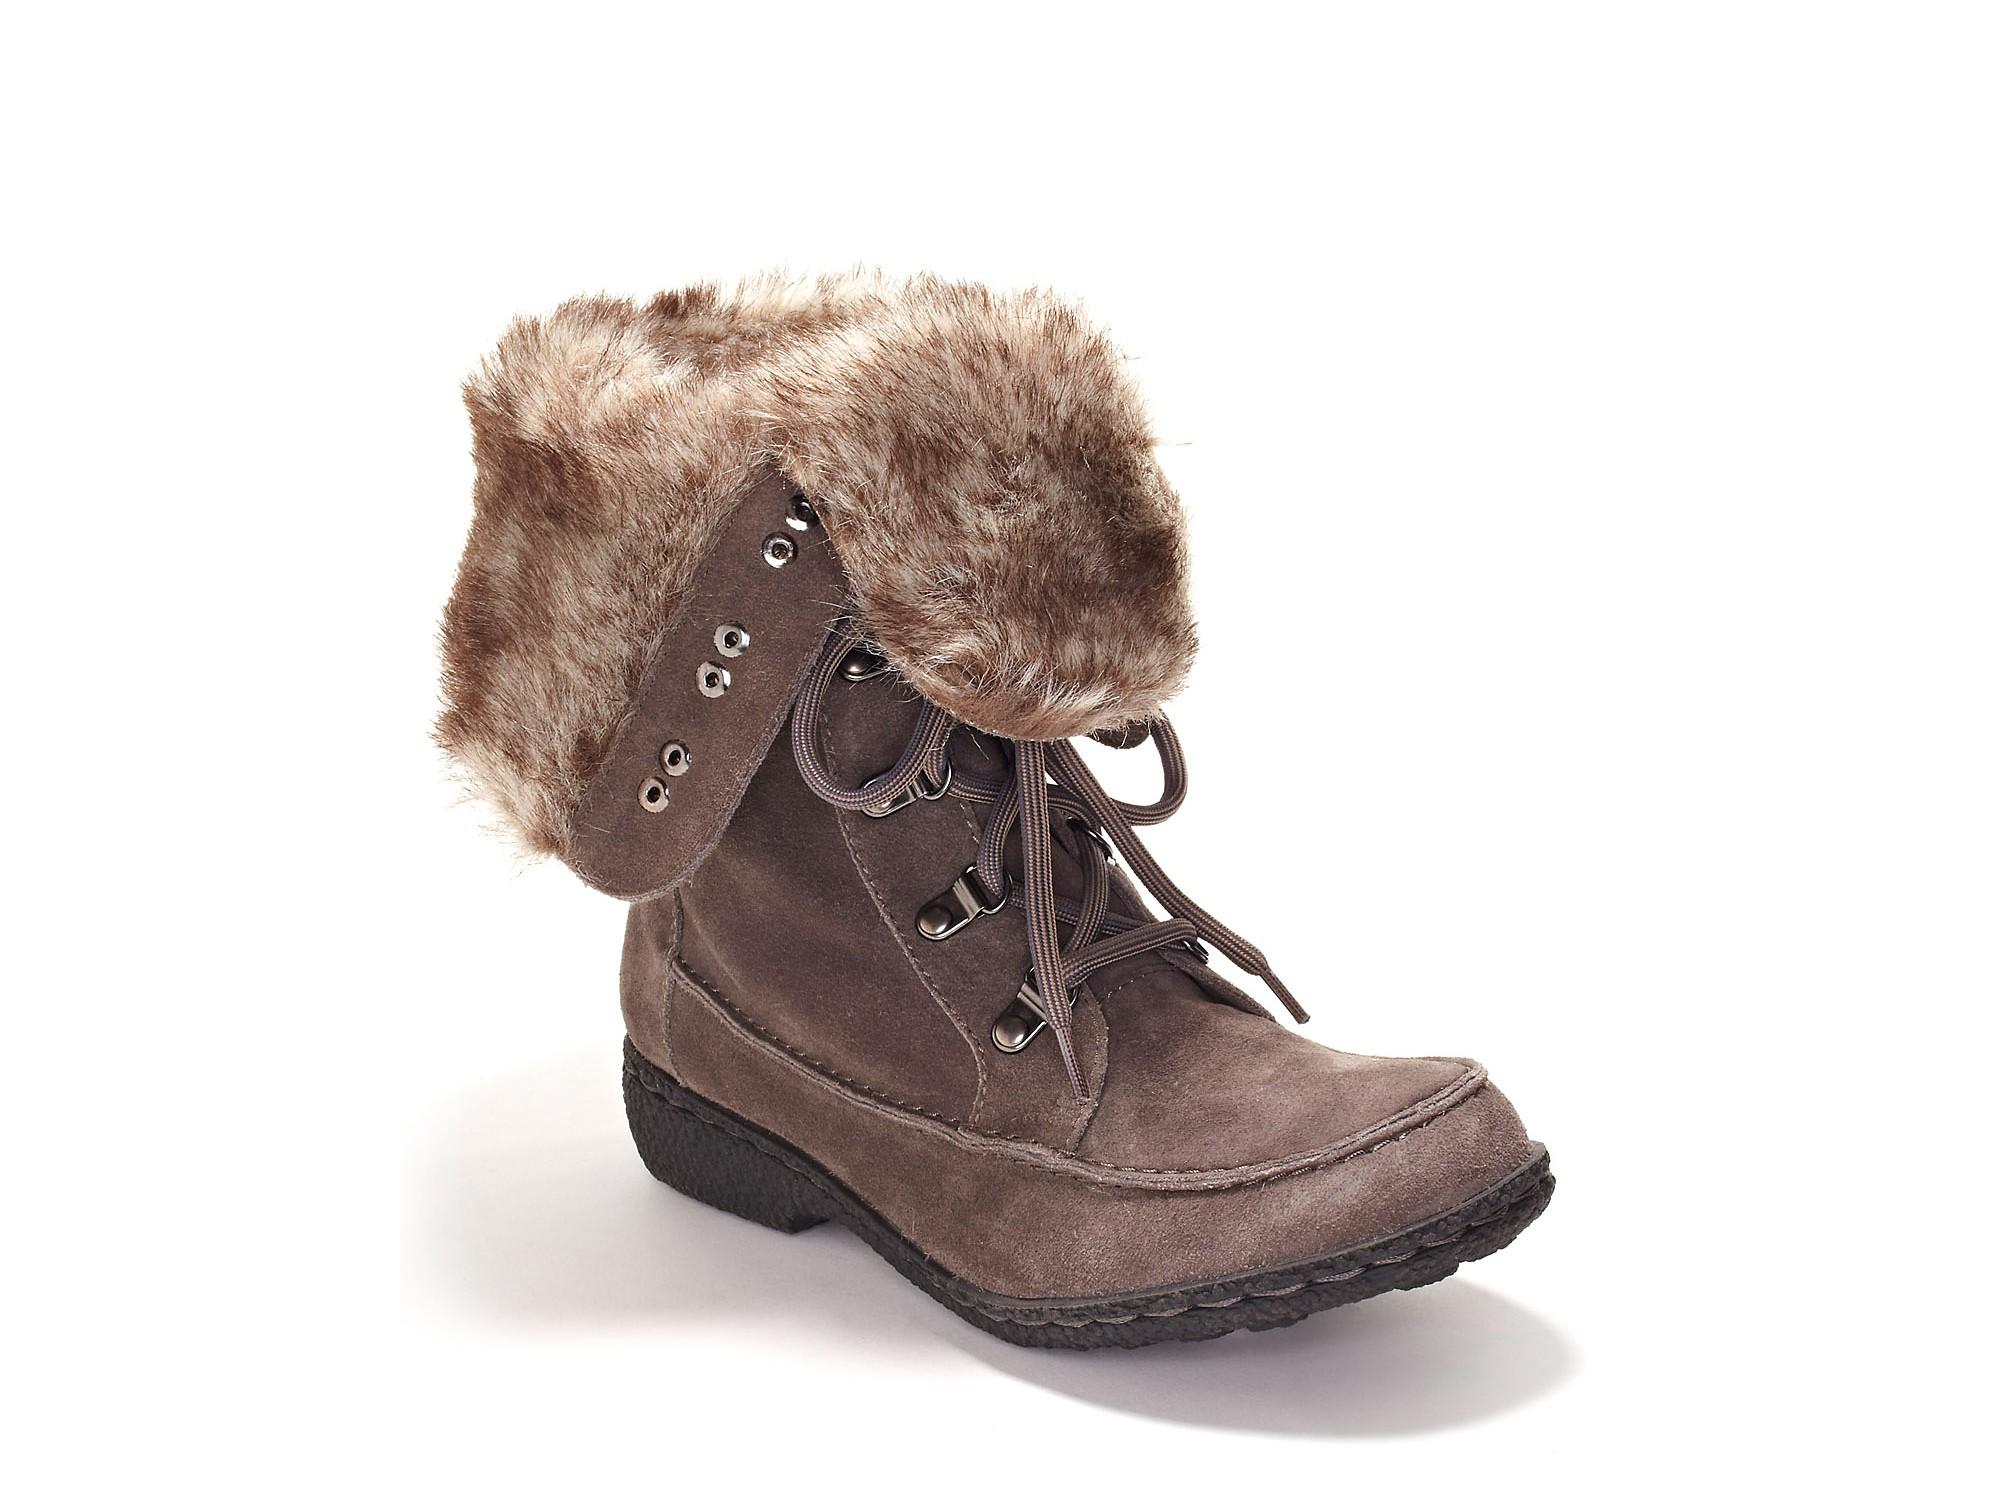 46a4b68cae123 Lyst - Sam Edelman Sam Edelman Mariela Weather Boots in Gray